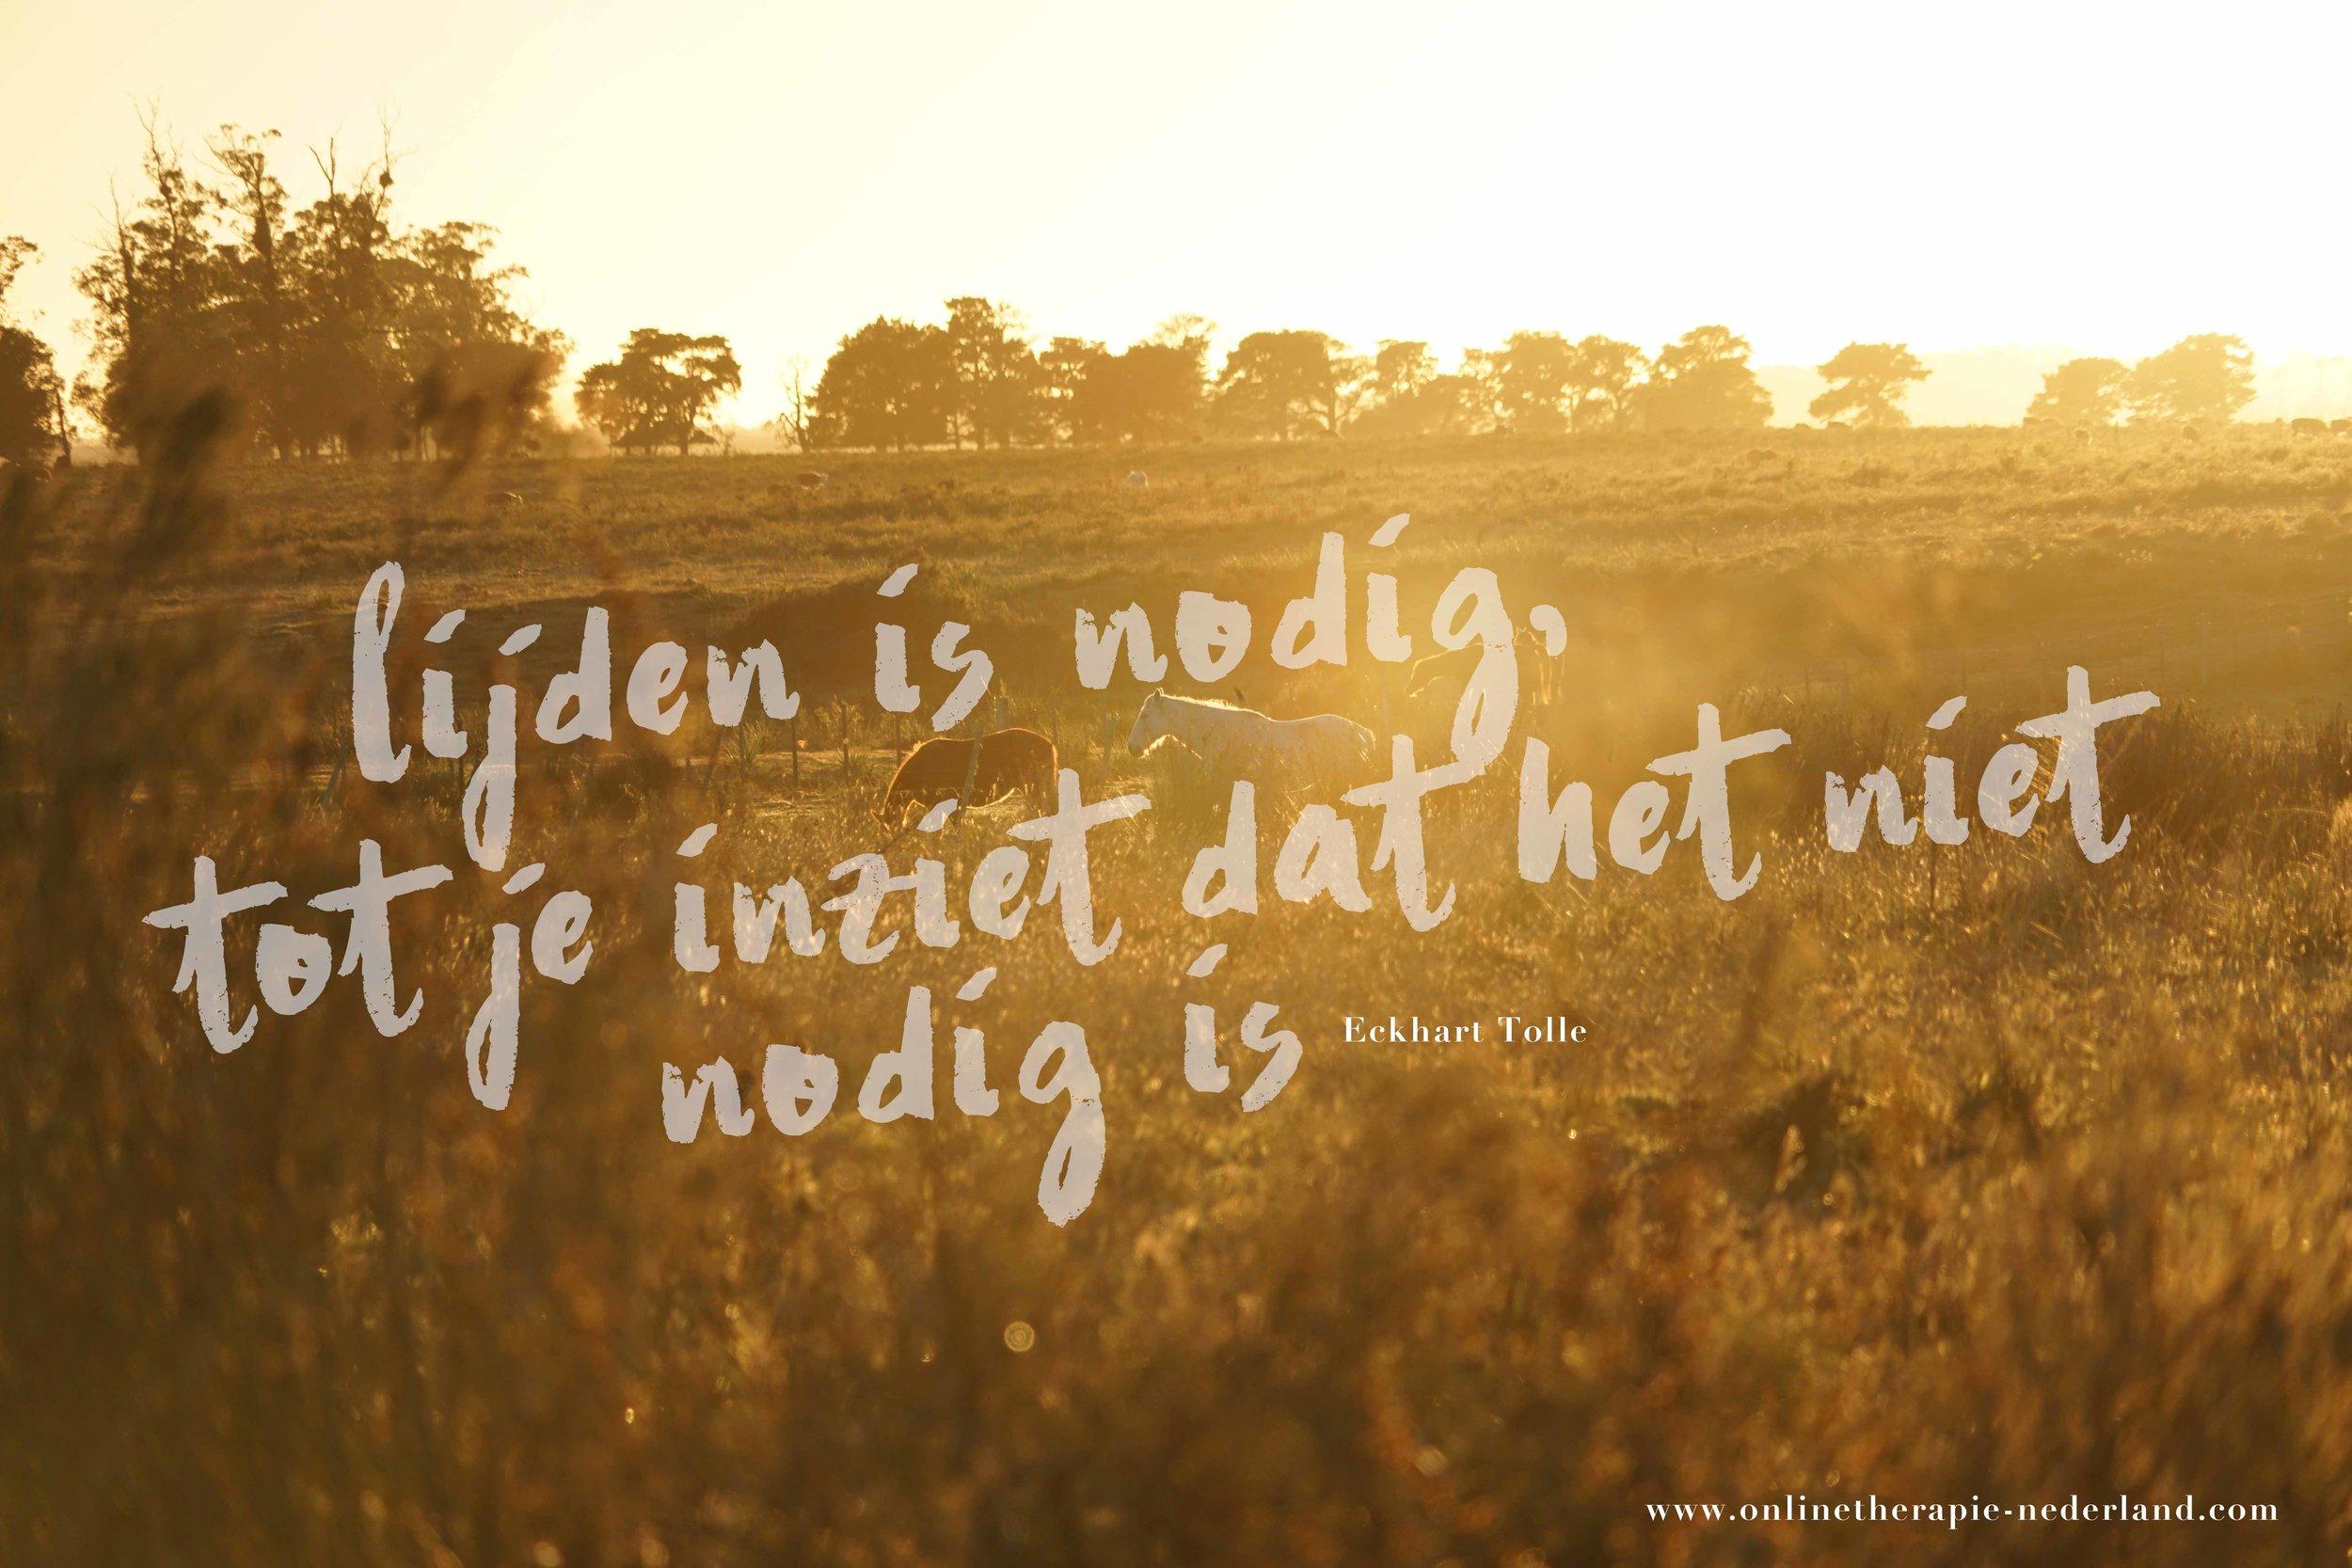 onlinetherapie-nederland.jpg